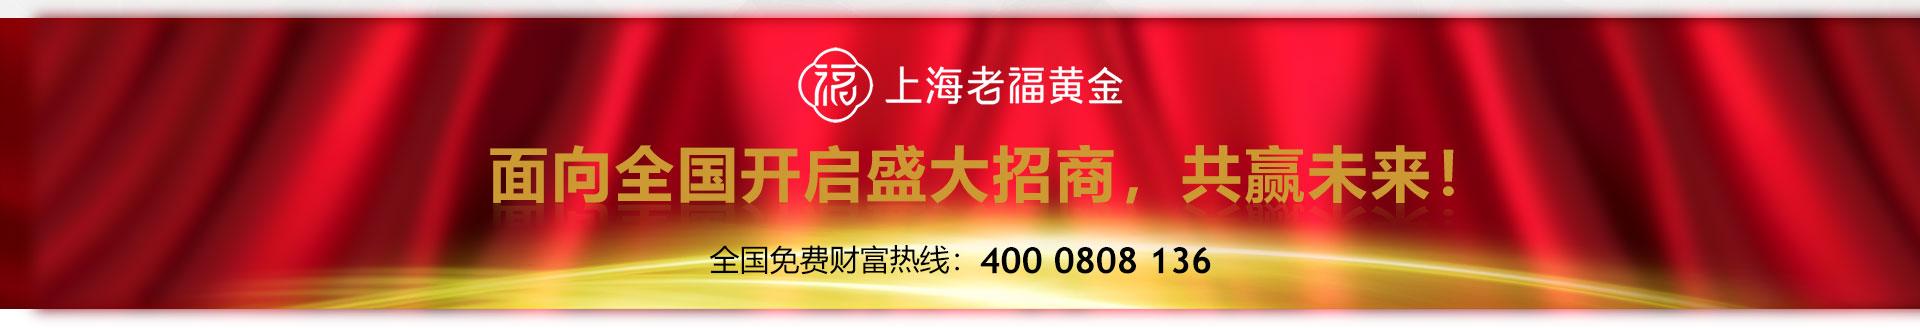 上海老福黄金盛大招商